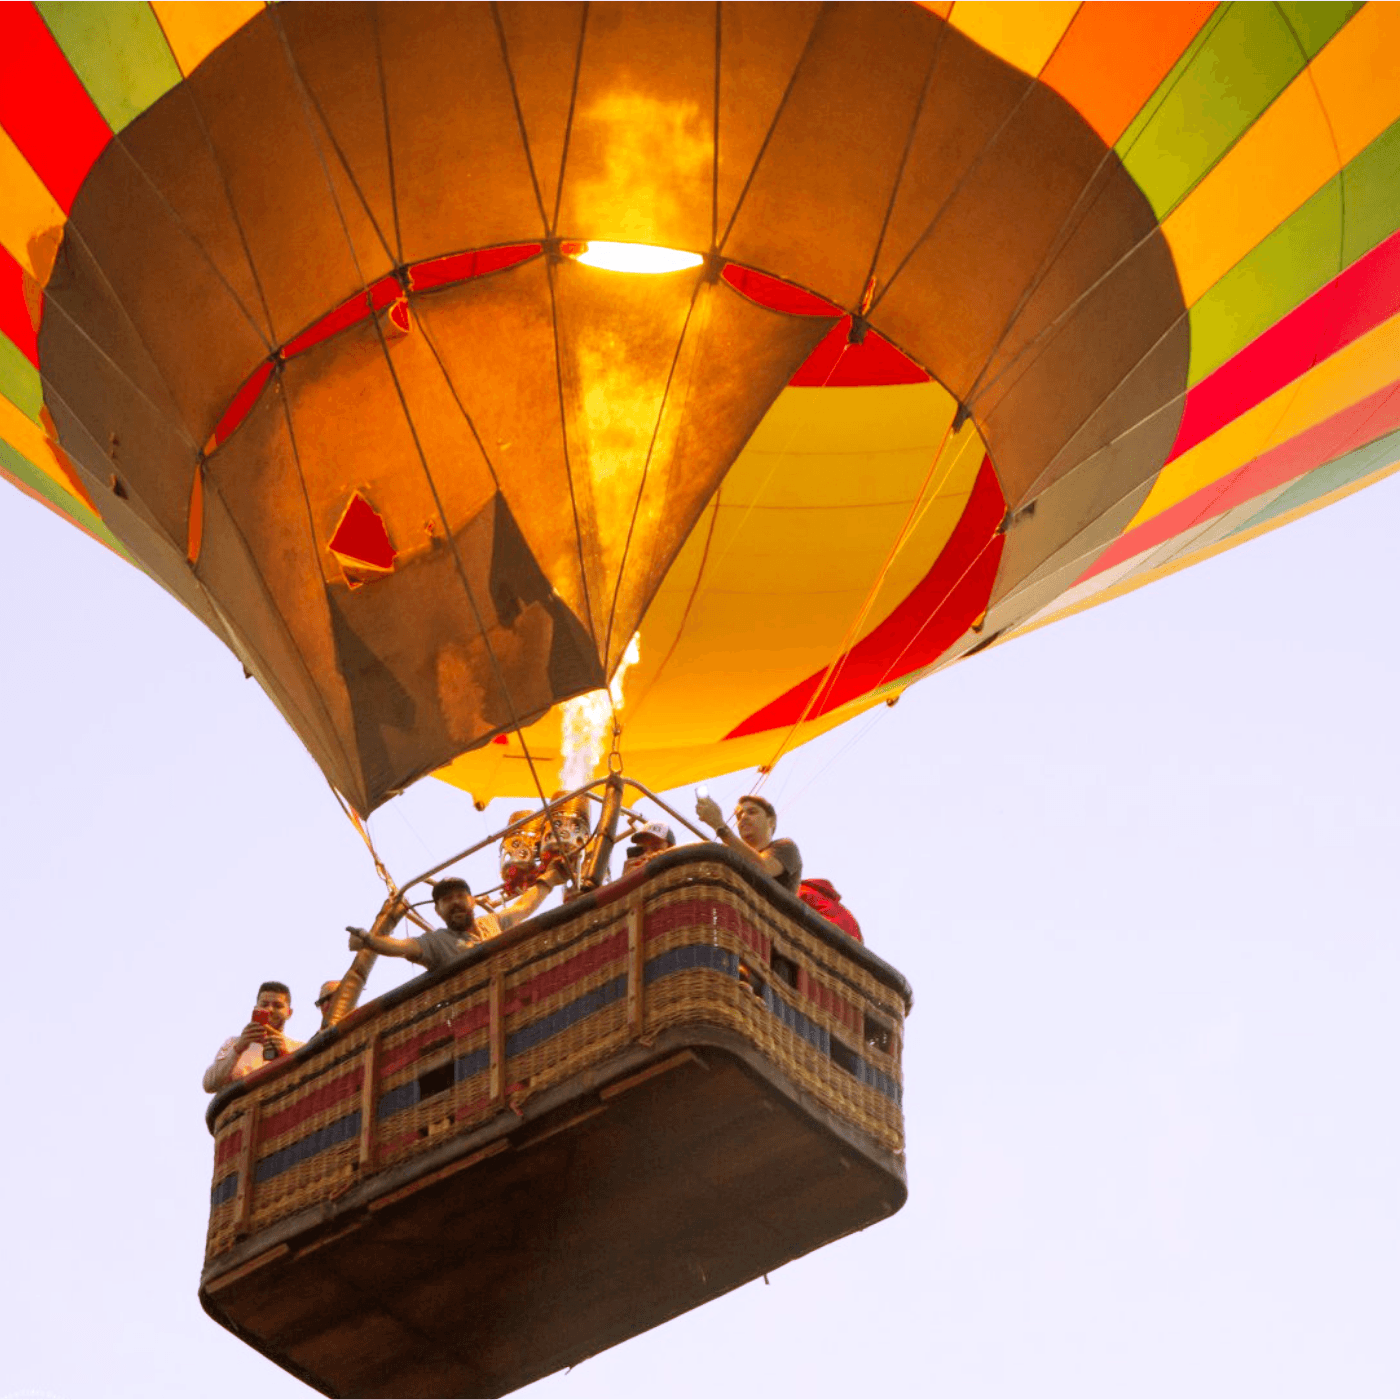 Passeio de Balão no Por do Sol em Boituva-SP